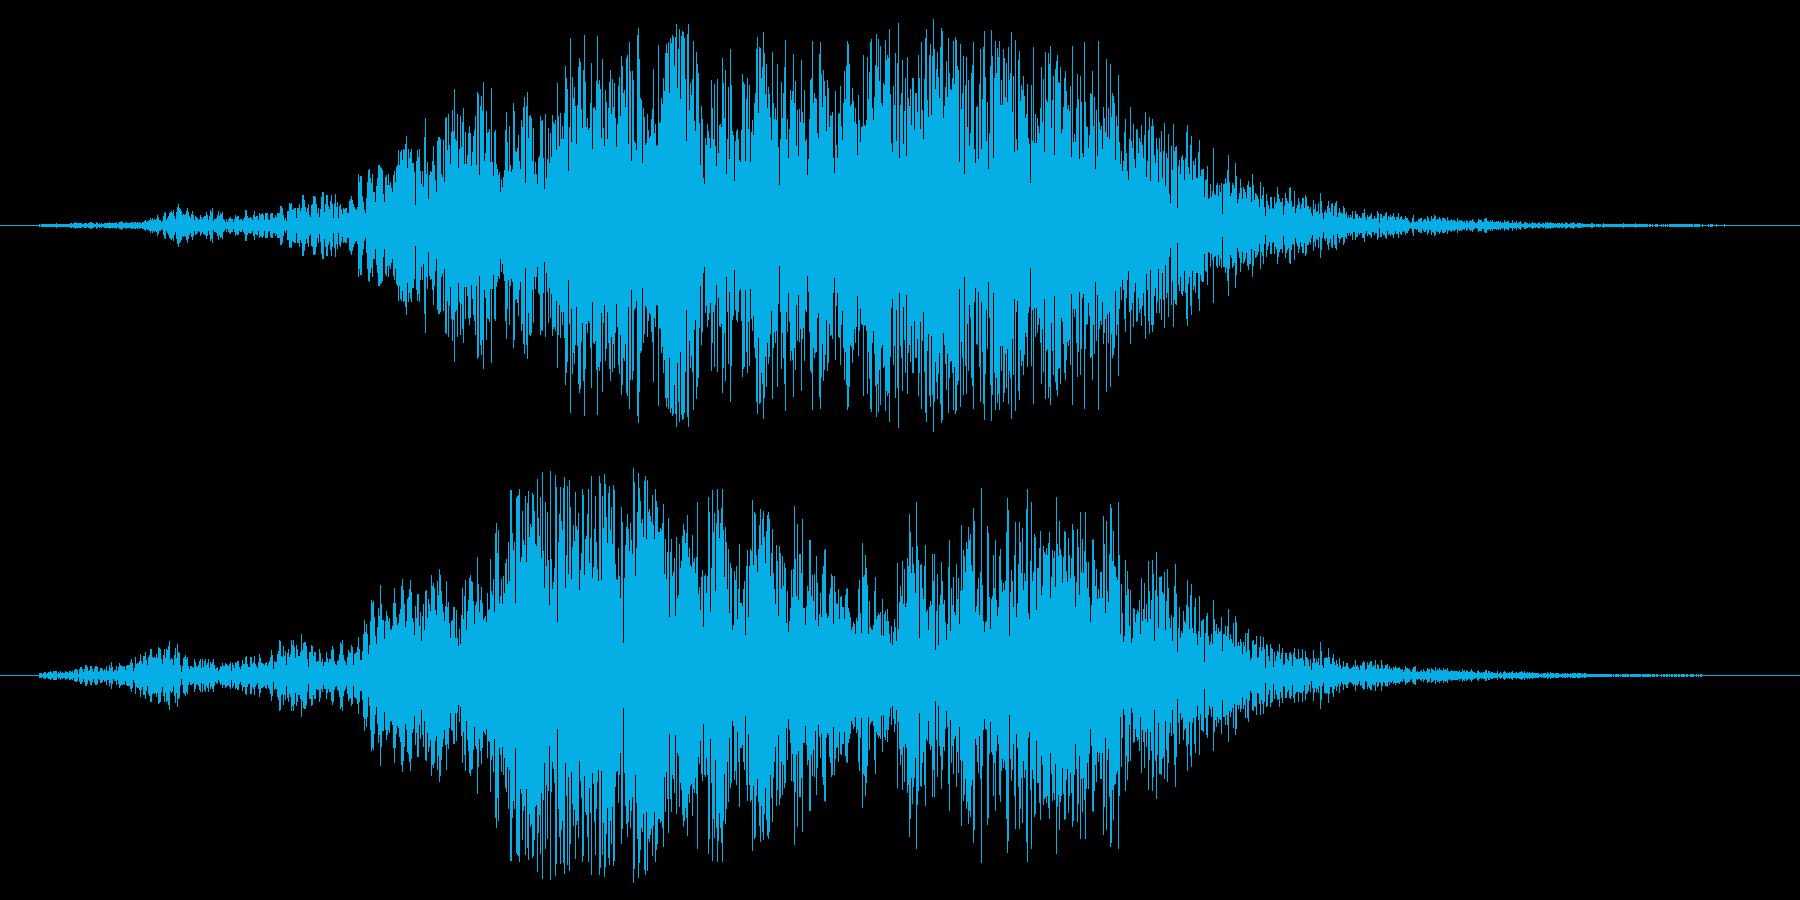 ファーウォーン(広がりのある神秘的な音)の再生済みの波形